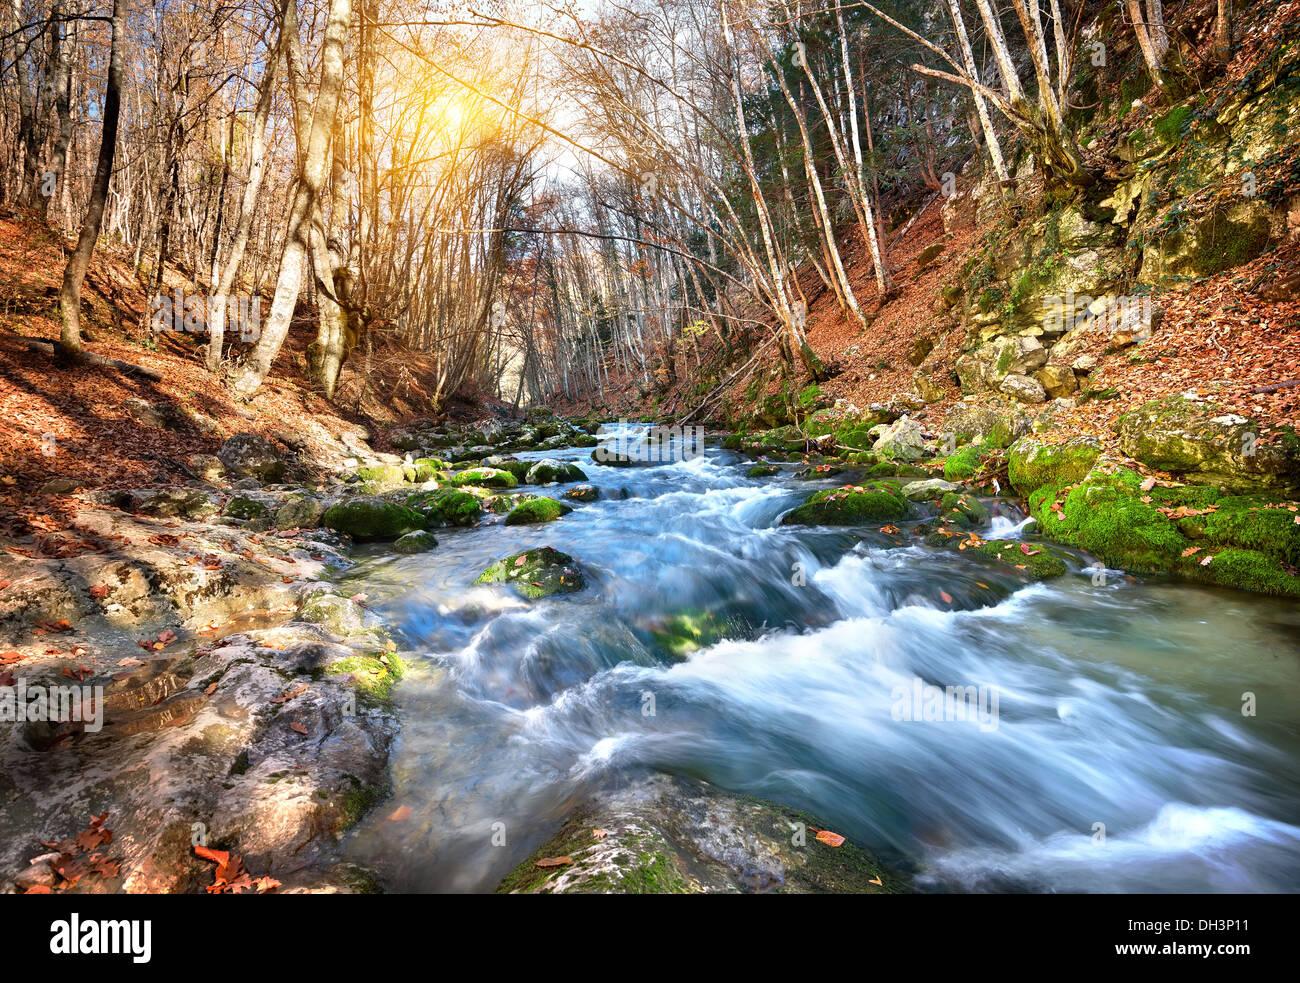 Fiume rapido in una foresta di montagna in una giornata di sole Immagini Stock